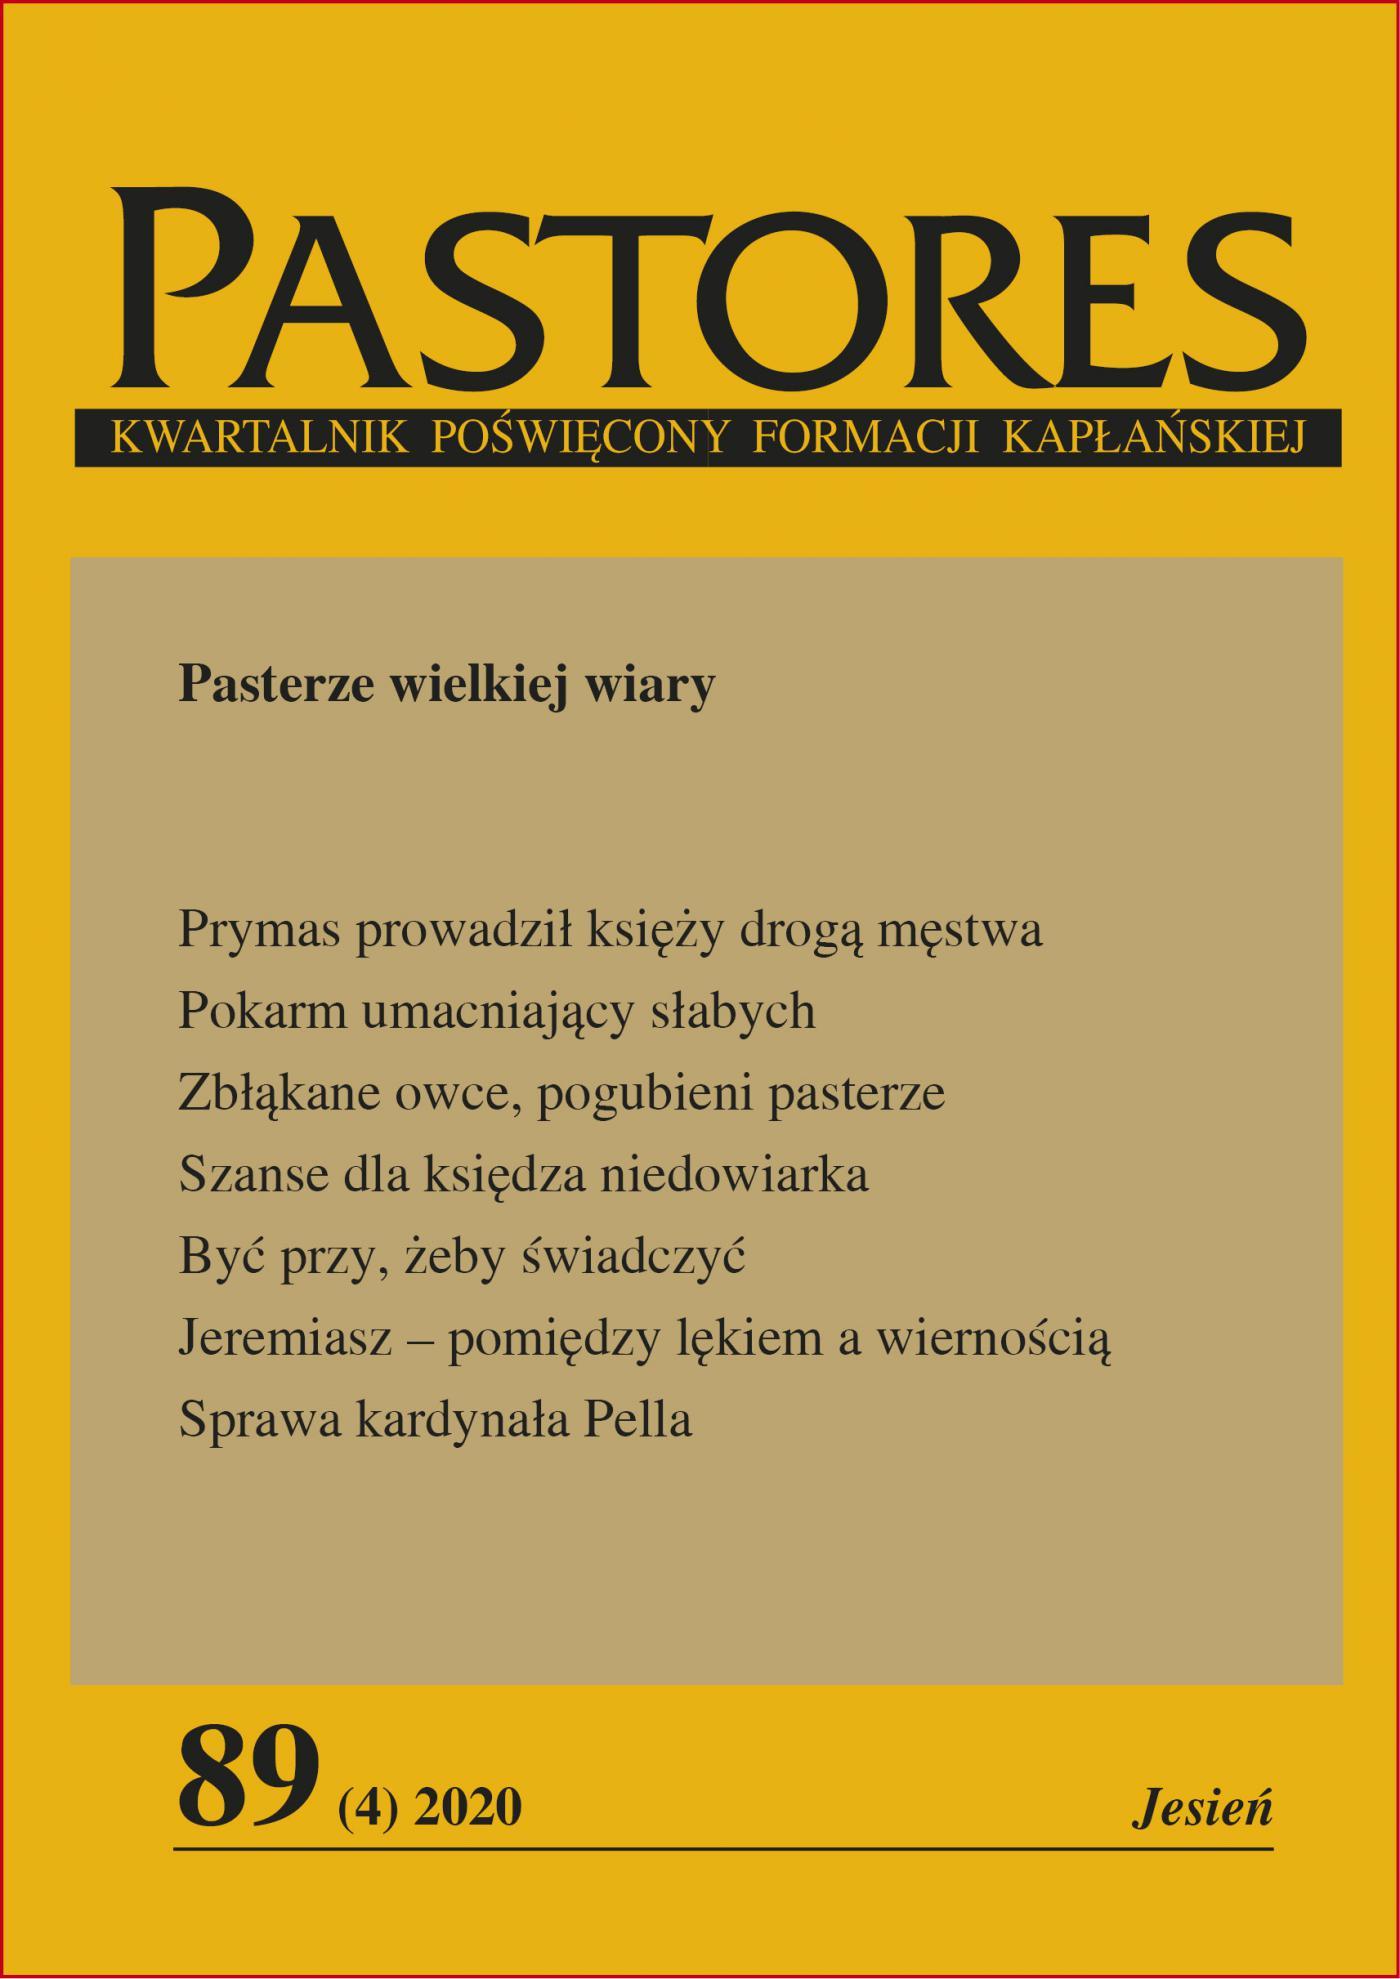 Pastores 89 (4) 2020 - Ebook (Książka EPUB) do pobrania w formacie EPUB